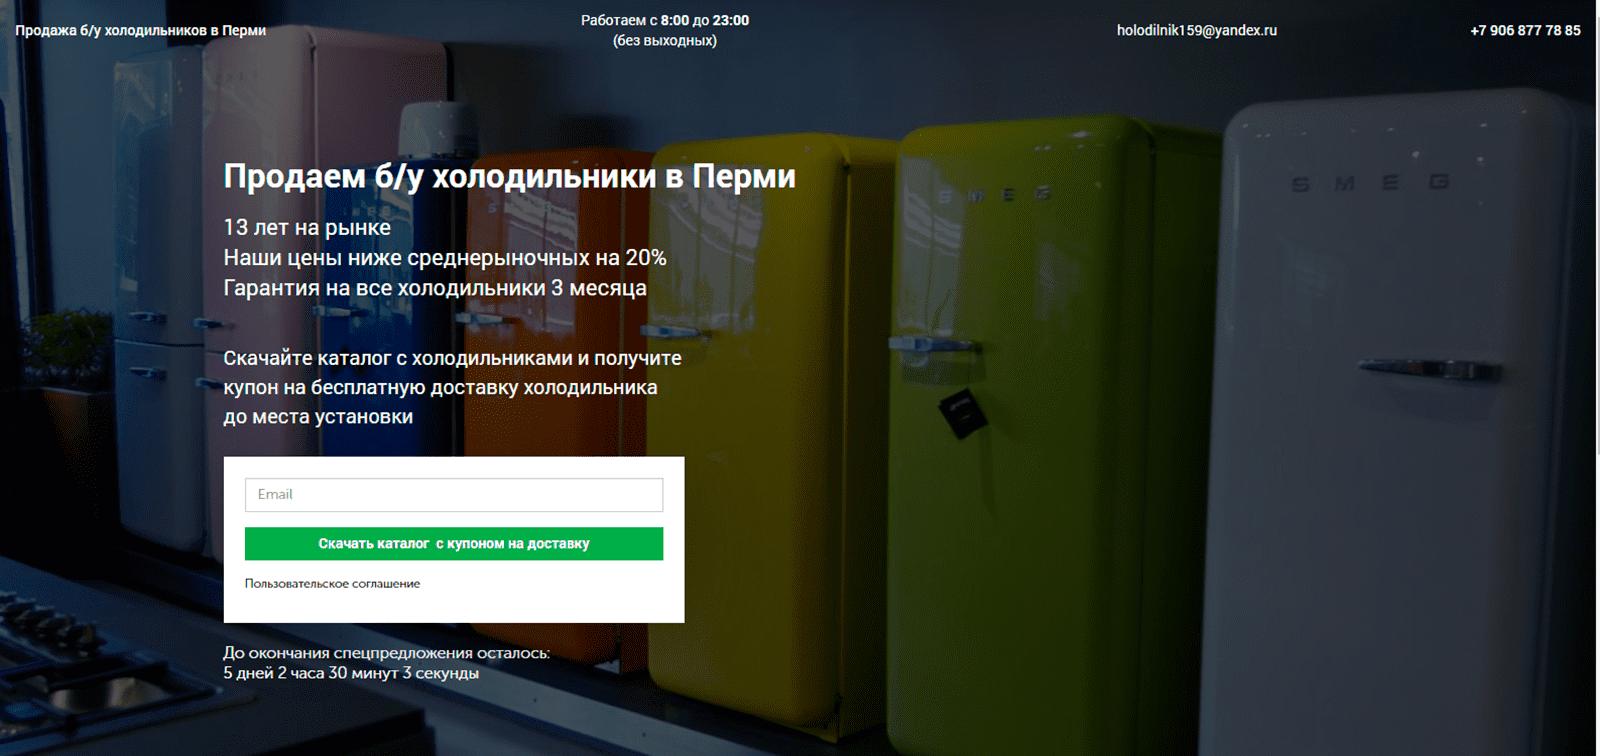 Продажа б/у холодильниковСтоимость заявки:115 руб.Конверсия:9%